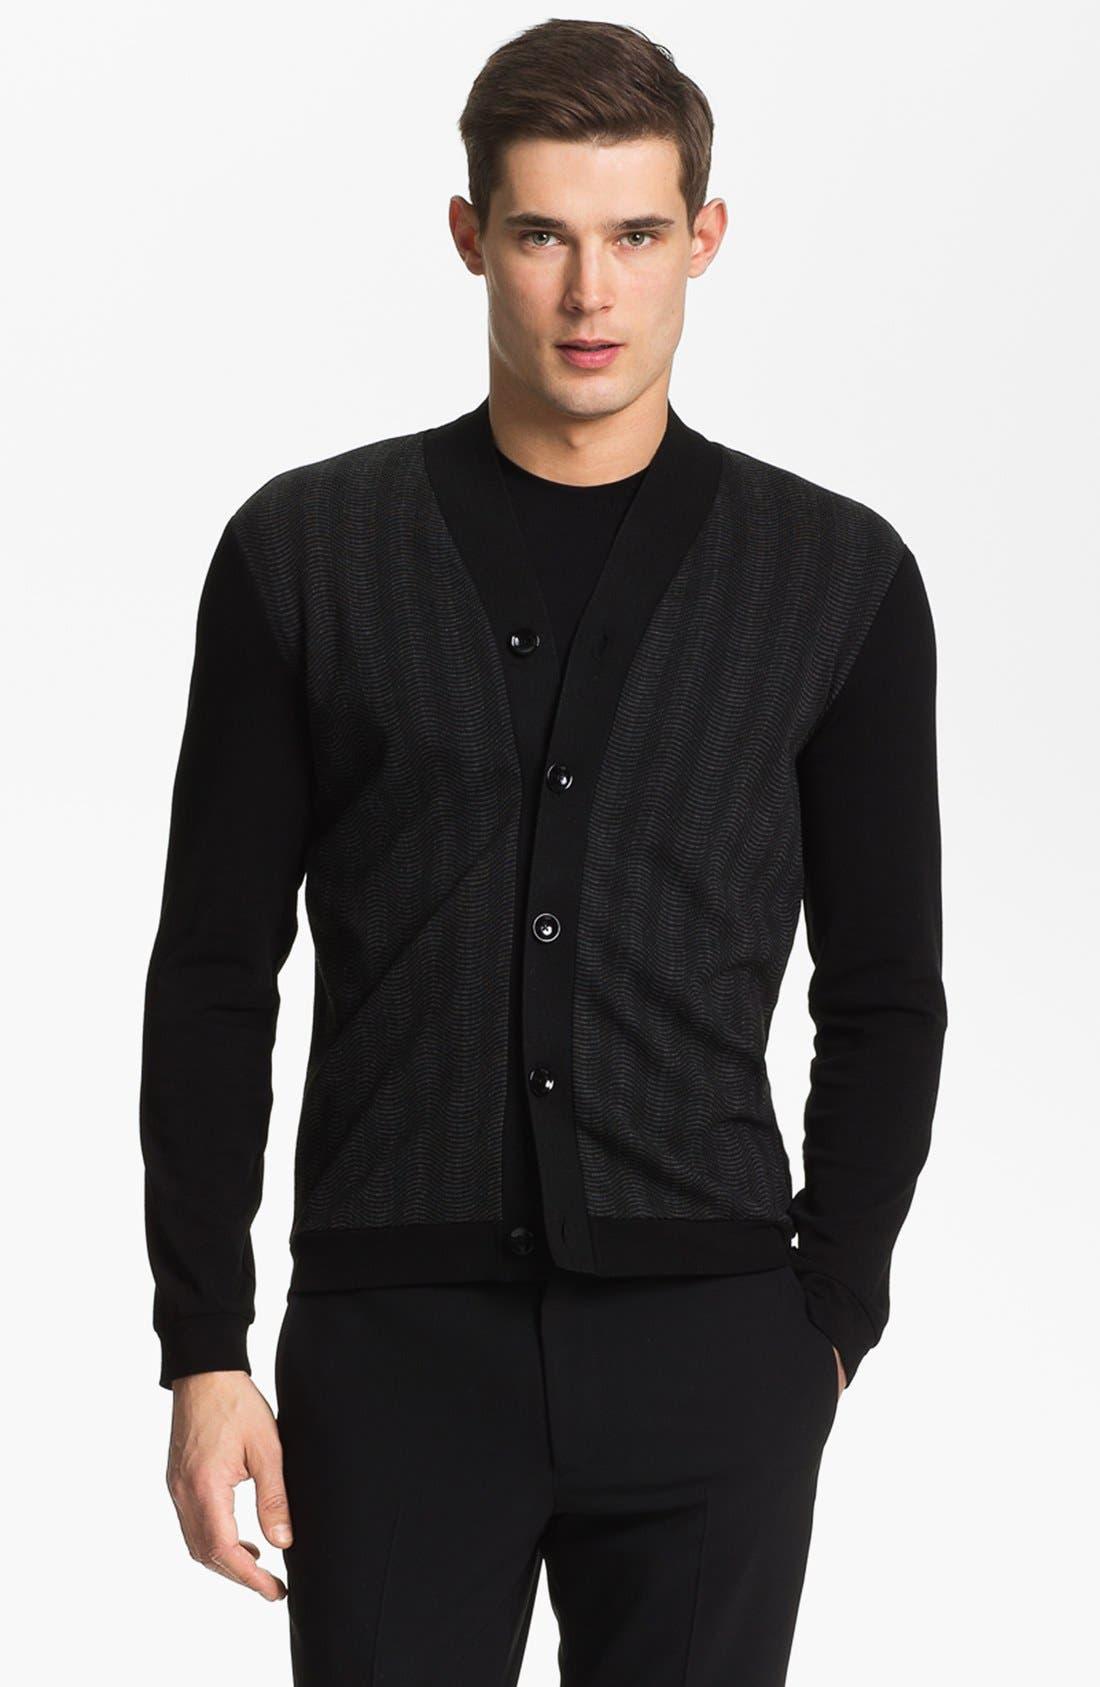 Main Image - Armani Collezioni Jersey Knit Cardigan